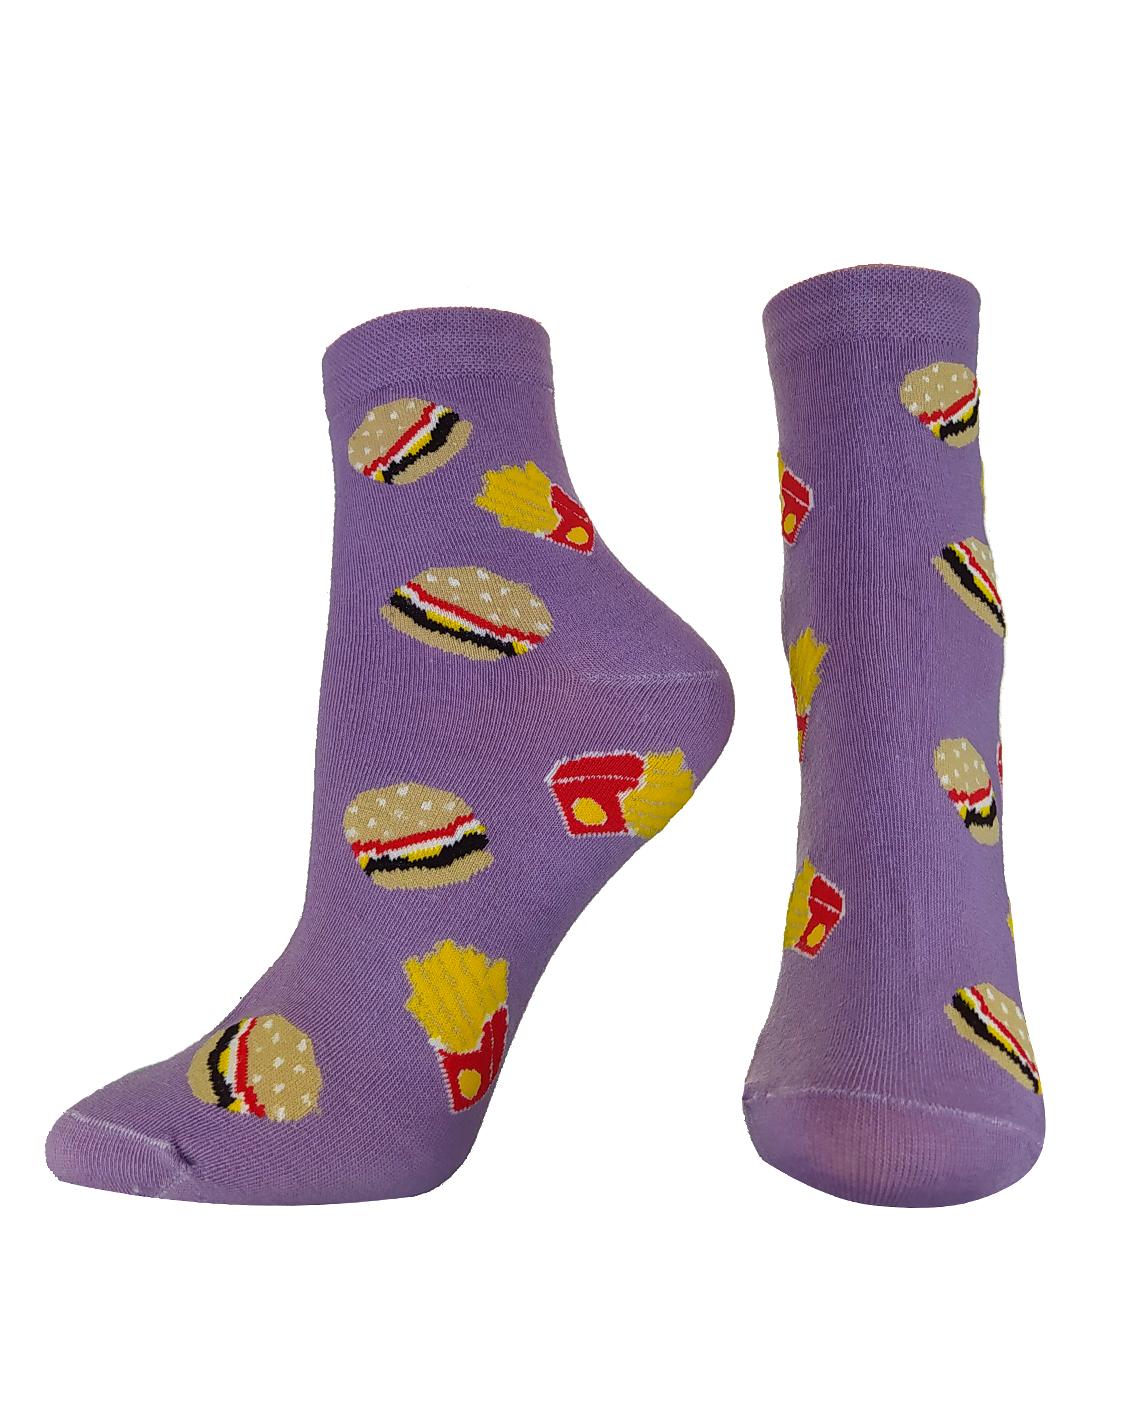 Damskie skarpetki bawełniane zakostkę we wzory fast food.